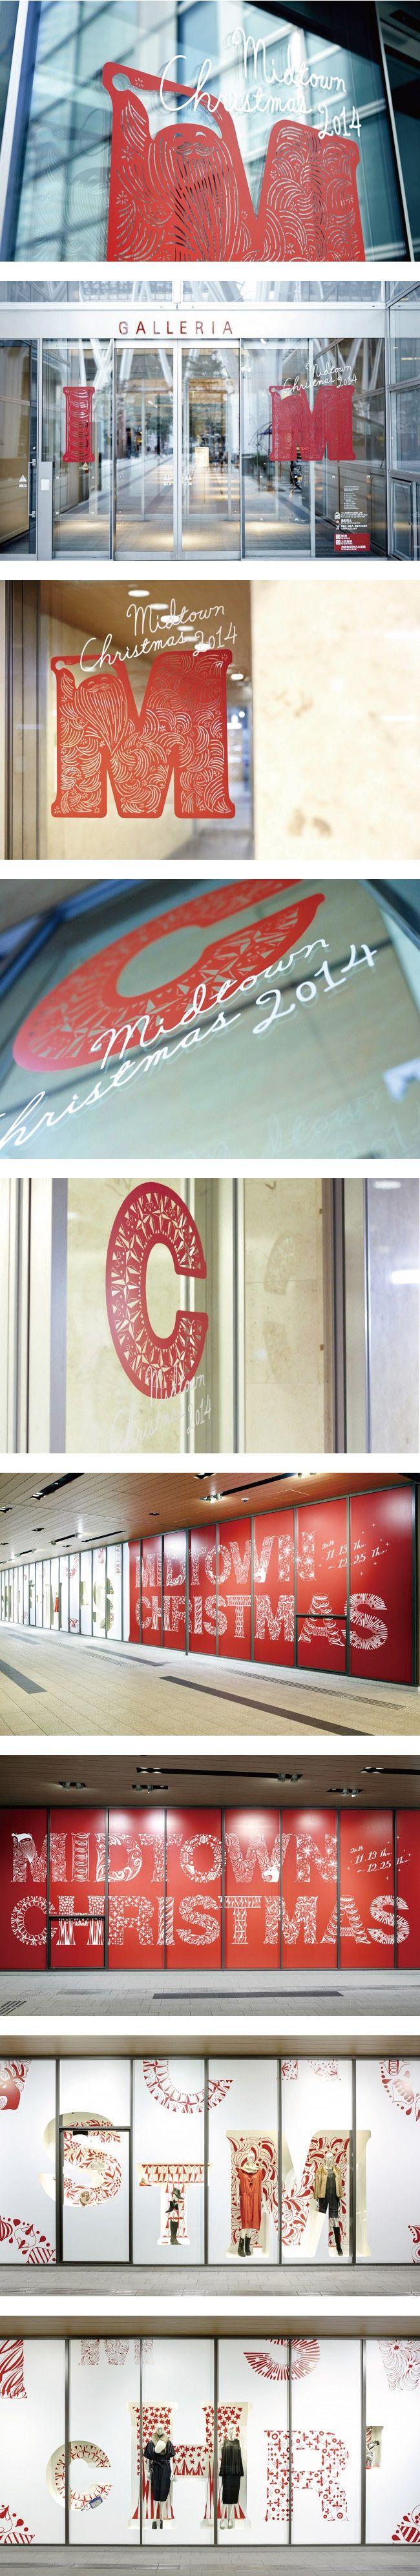 「Signage × Cutting Sheet / サイン × カッティングシート」に保存しました。 第19回 CSデザイン賞 準グランプリ MIDTOWN CHRISTMAS 2014 ディレクター/関本 明子[(株)ドラフト] デザイナー/関本 明子[(株)ドラフト] イラストレーター/関本 明子[(株)ドラフト] プロデューサー/中岡 美奈子[(株)ドラフト] クライアント/上原 基章[東京ミッドタウンマネジメント(株)] 施工/大坪 寛[アッシュ・ペー・フランス(株)]・椎名 太一 フォトグラファー/小野 慶輔[小野慶輔写真事務所] #カッティングシート #cuttingsheet